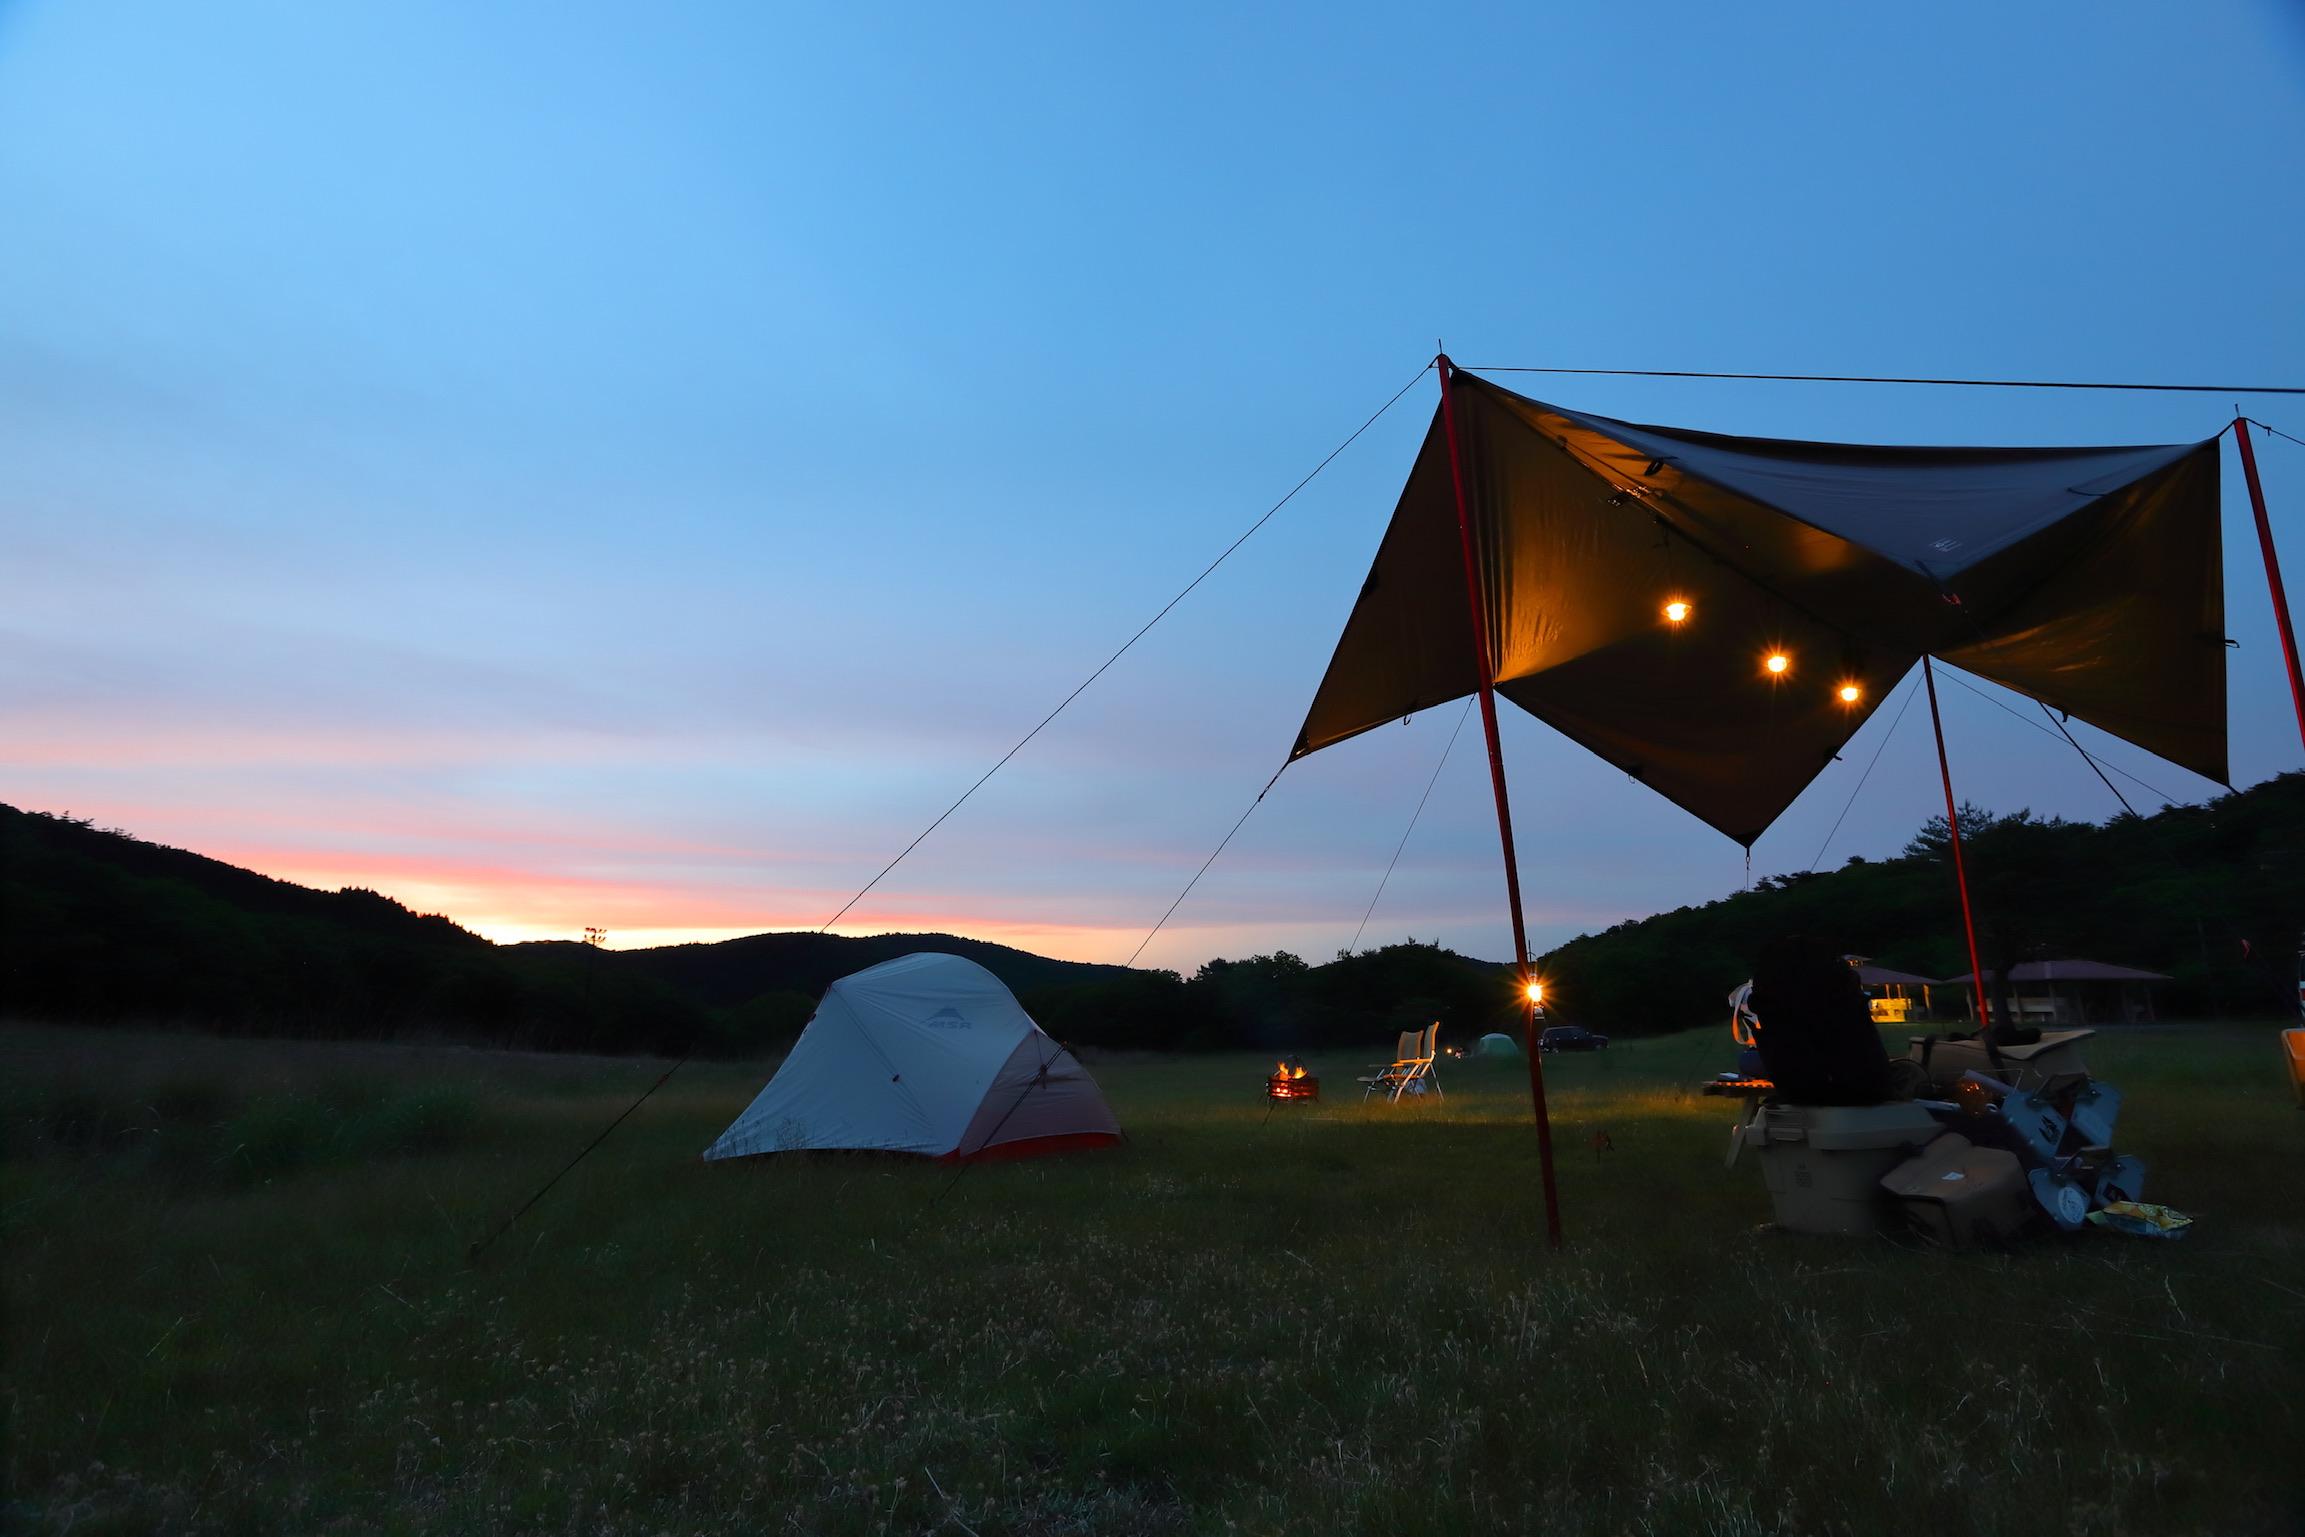 星空がきれいな草原のフリーサイト☆ 星降る高原キャンプ場